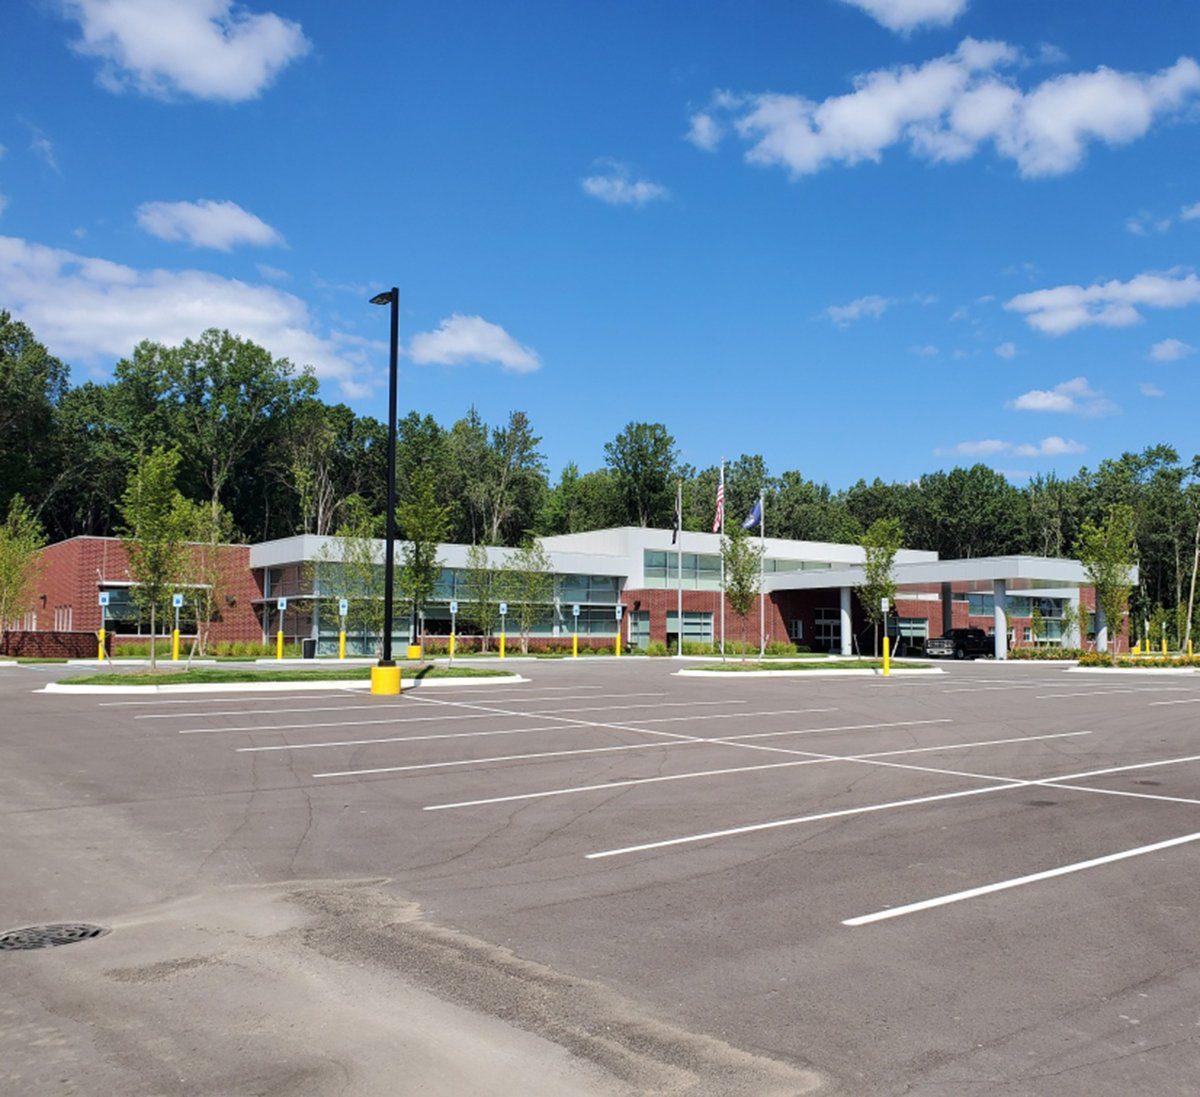 VA Healthcare Clinic, Ann Arbor